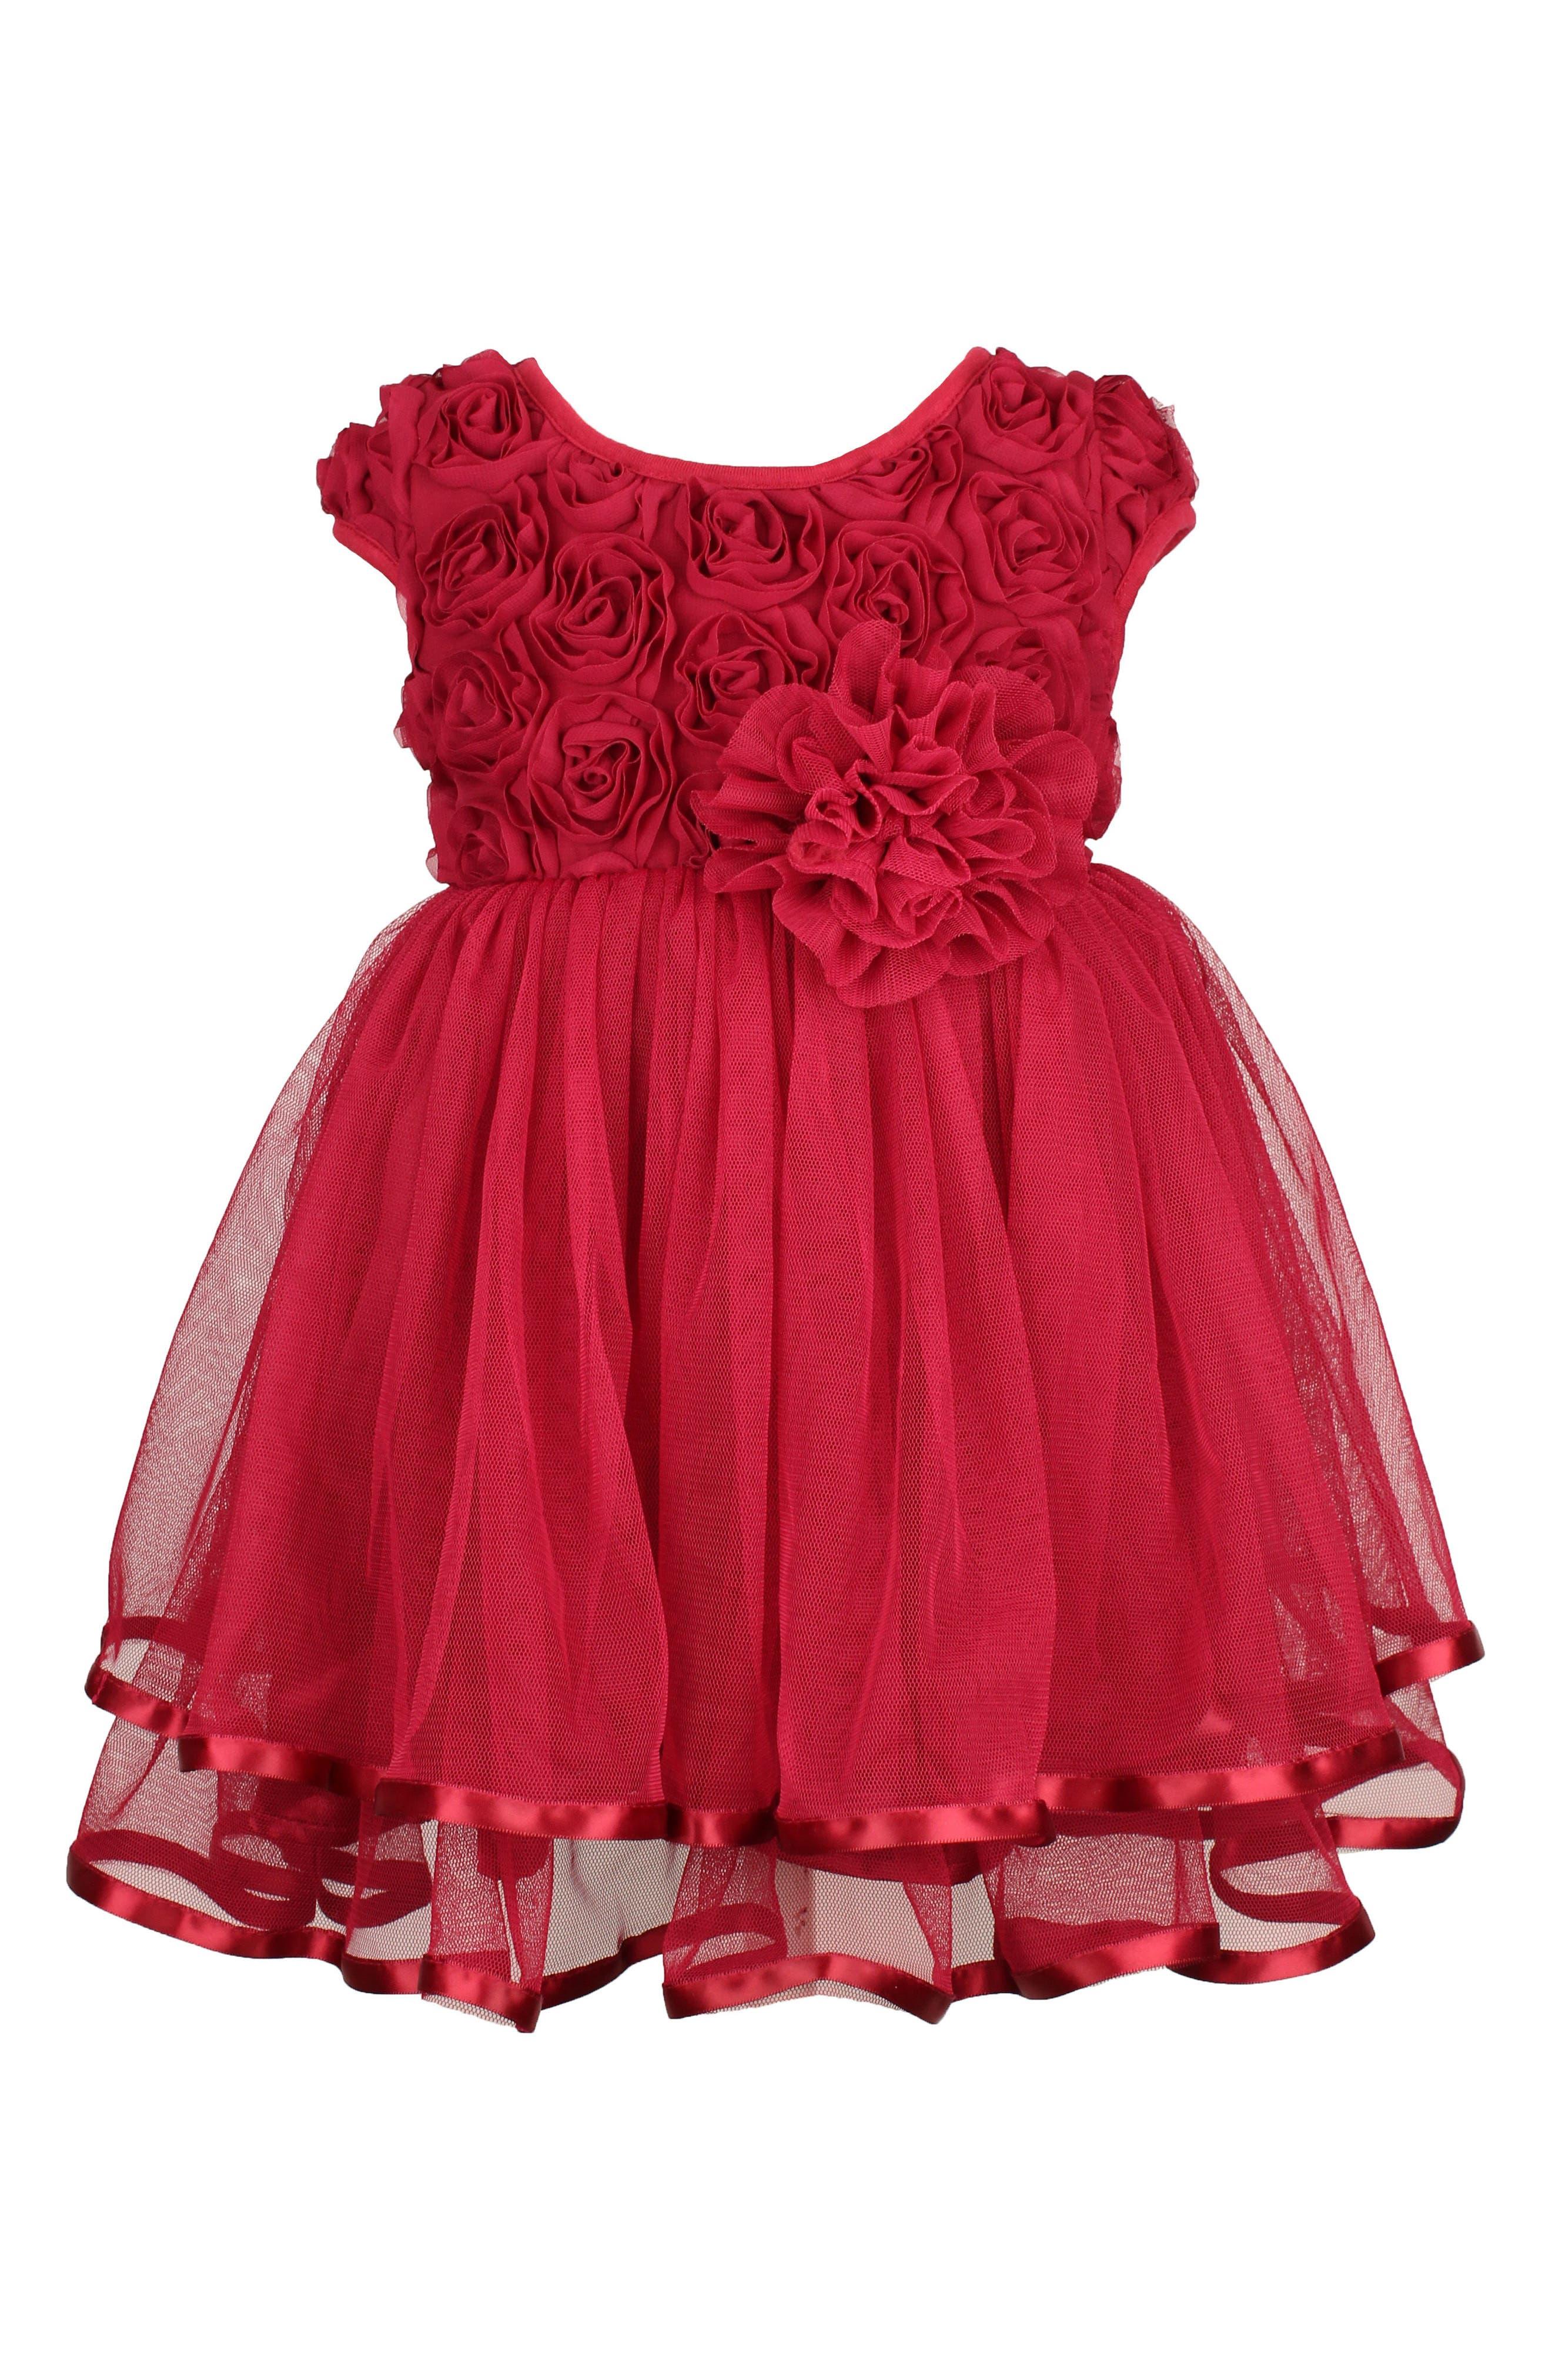 Rosette Tulle Dress,                             Alternate thumbnail 2, color,                             RED